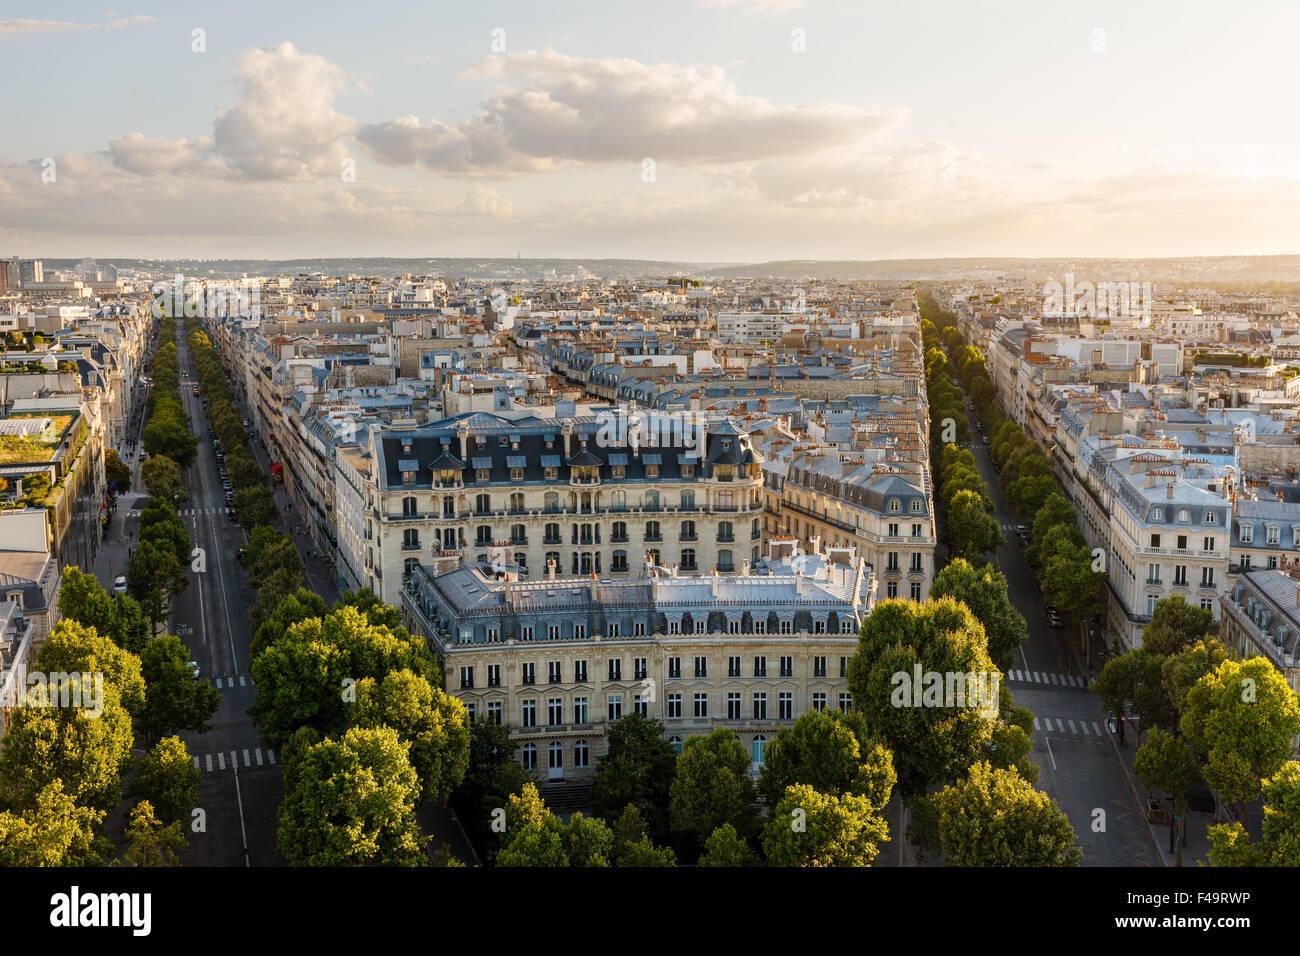 Luftaufnahme des 16. Arrondissement in Paris, Frankreich. Blick auf umliegenden Gebäude und Dächer späten Stockbild